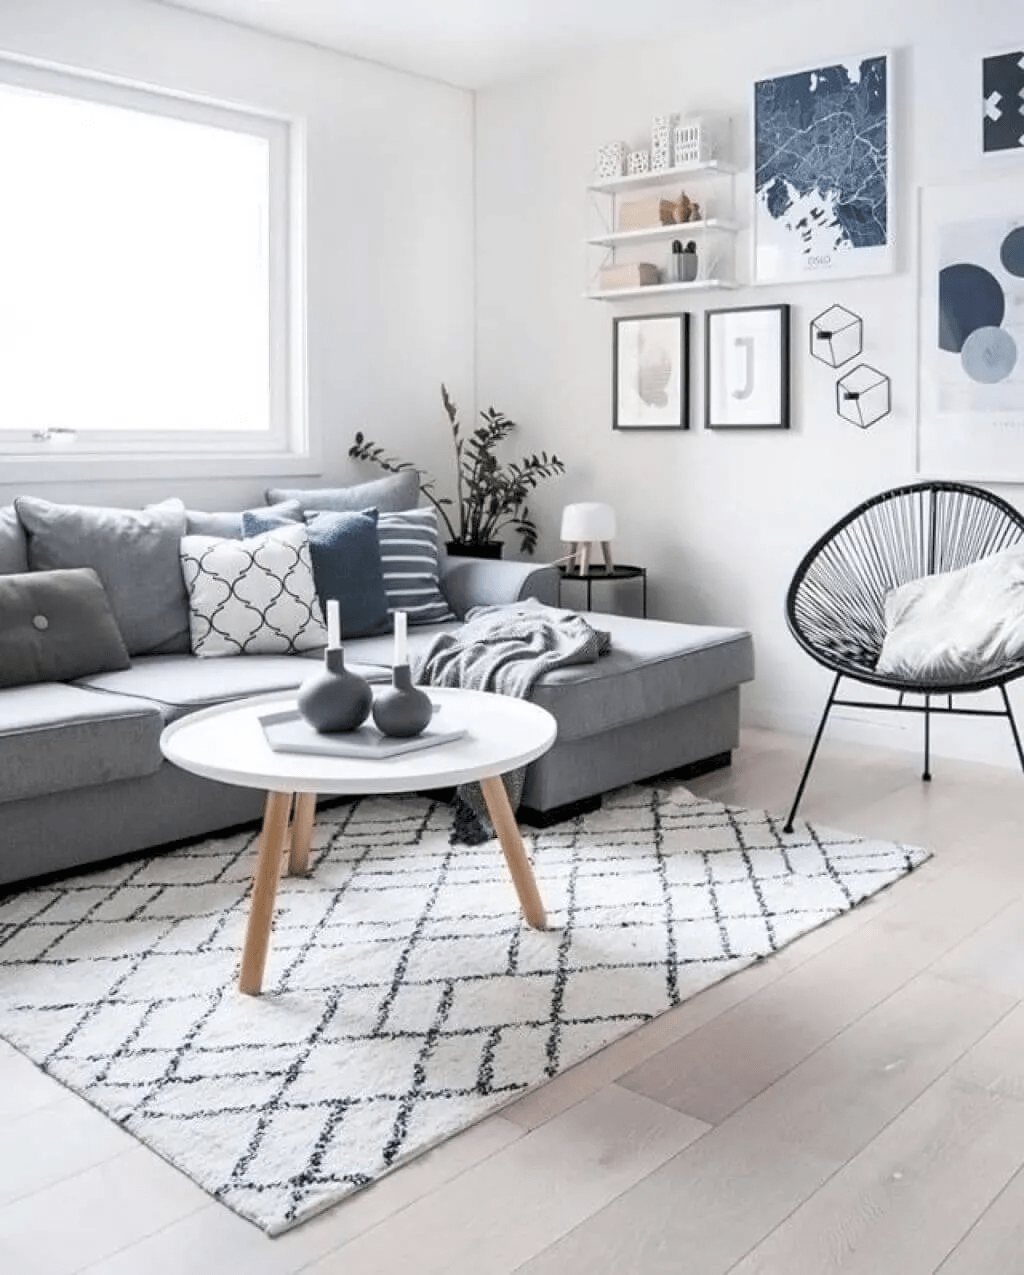 Salon de style scandinave tout en gris